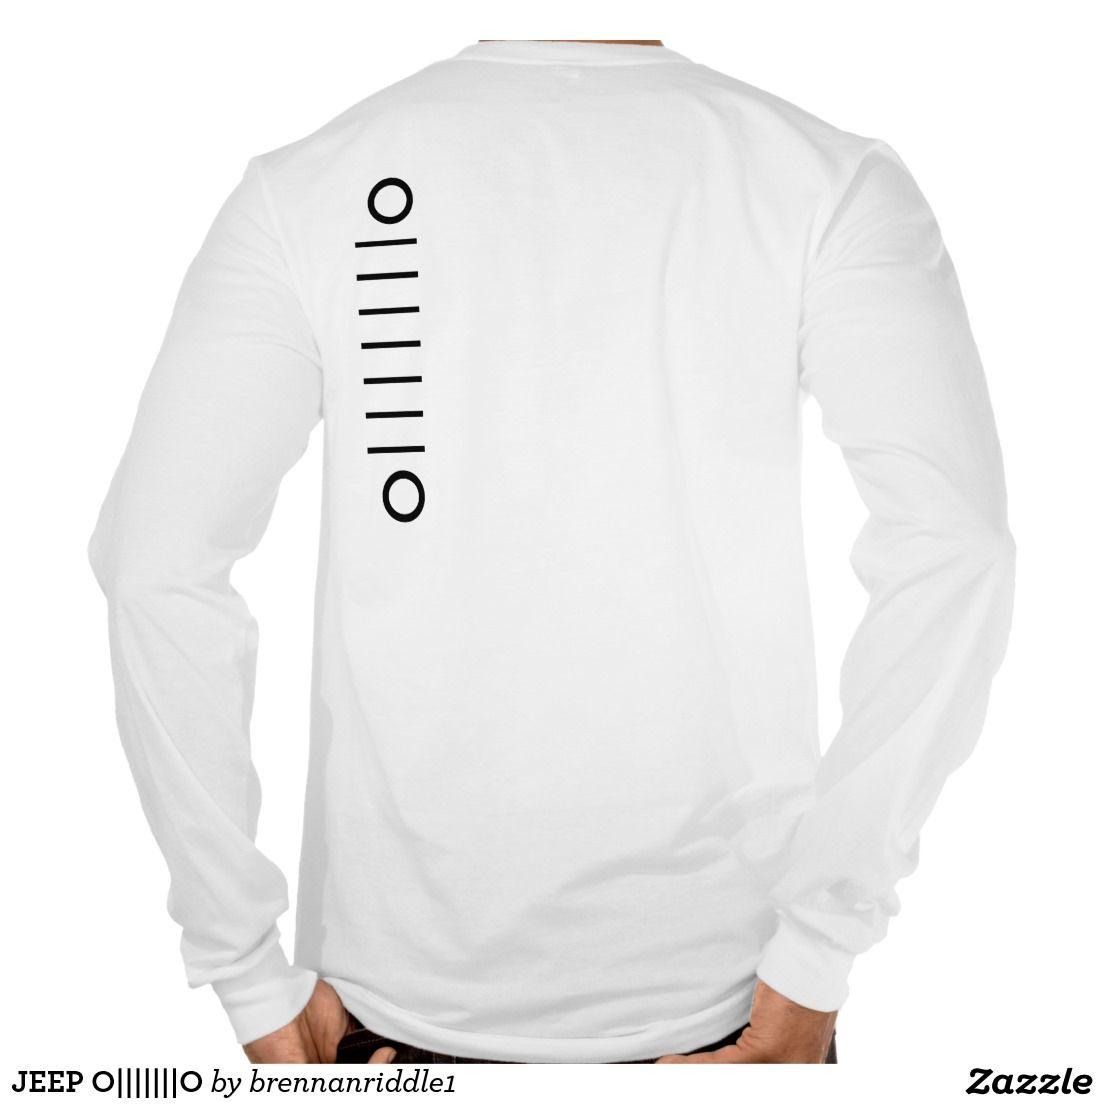 Jeep O O Tee Shirts Jeep Shirts Jeep Clothing Jeep